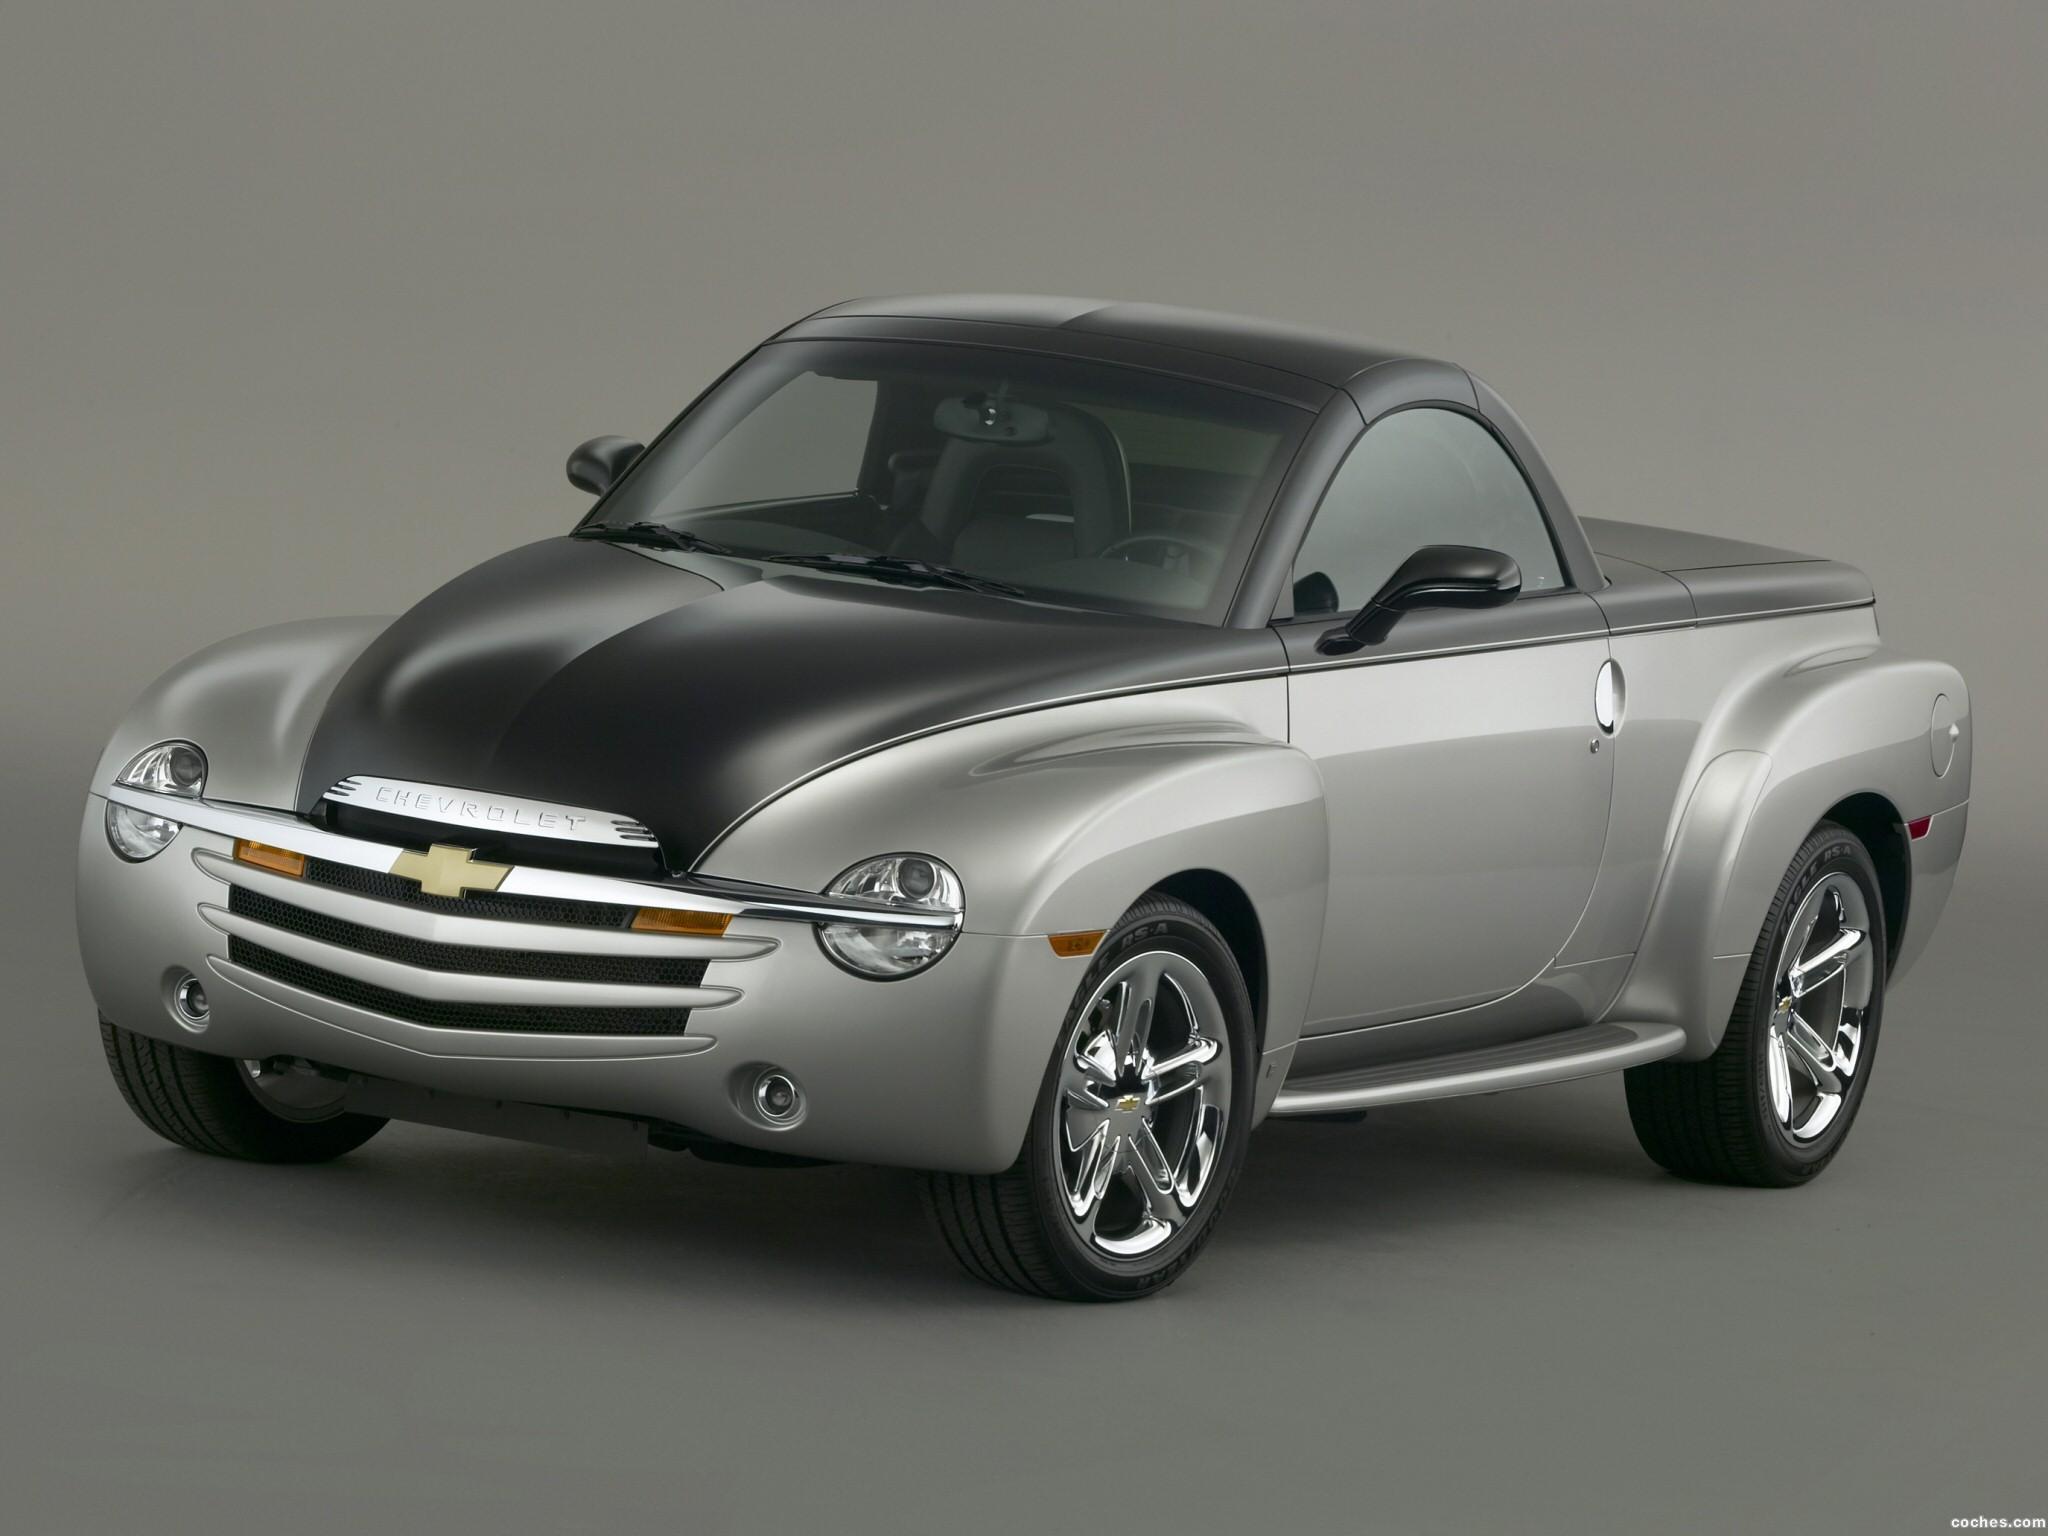 Foto 0 de Chevrolet SSR 2003